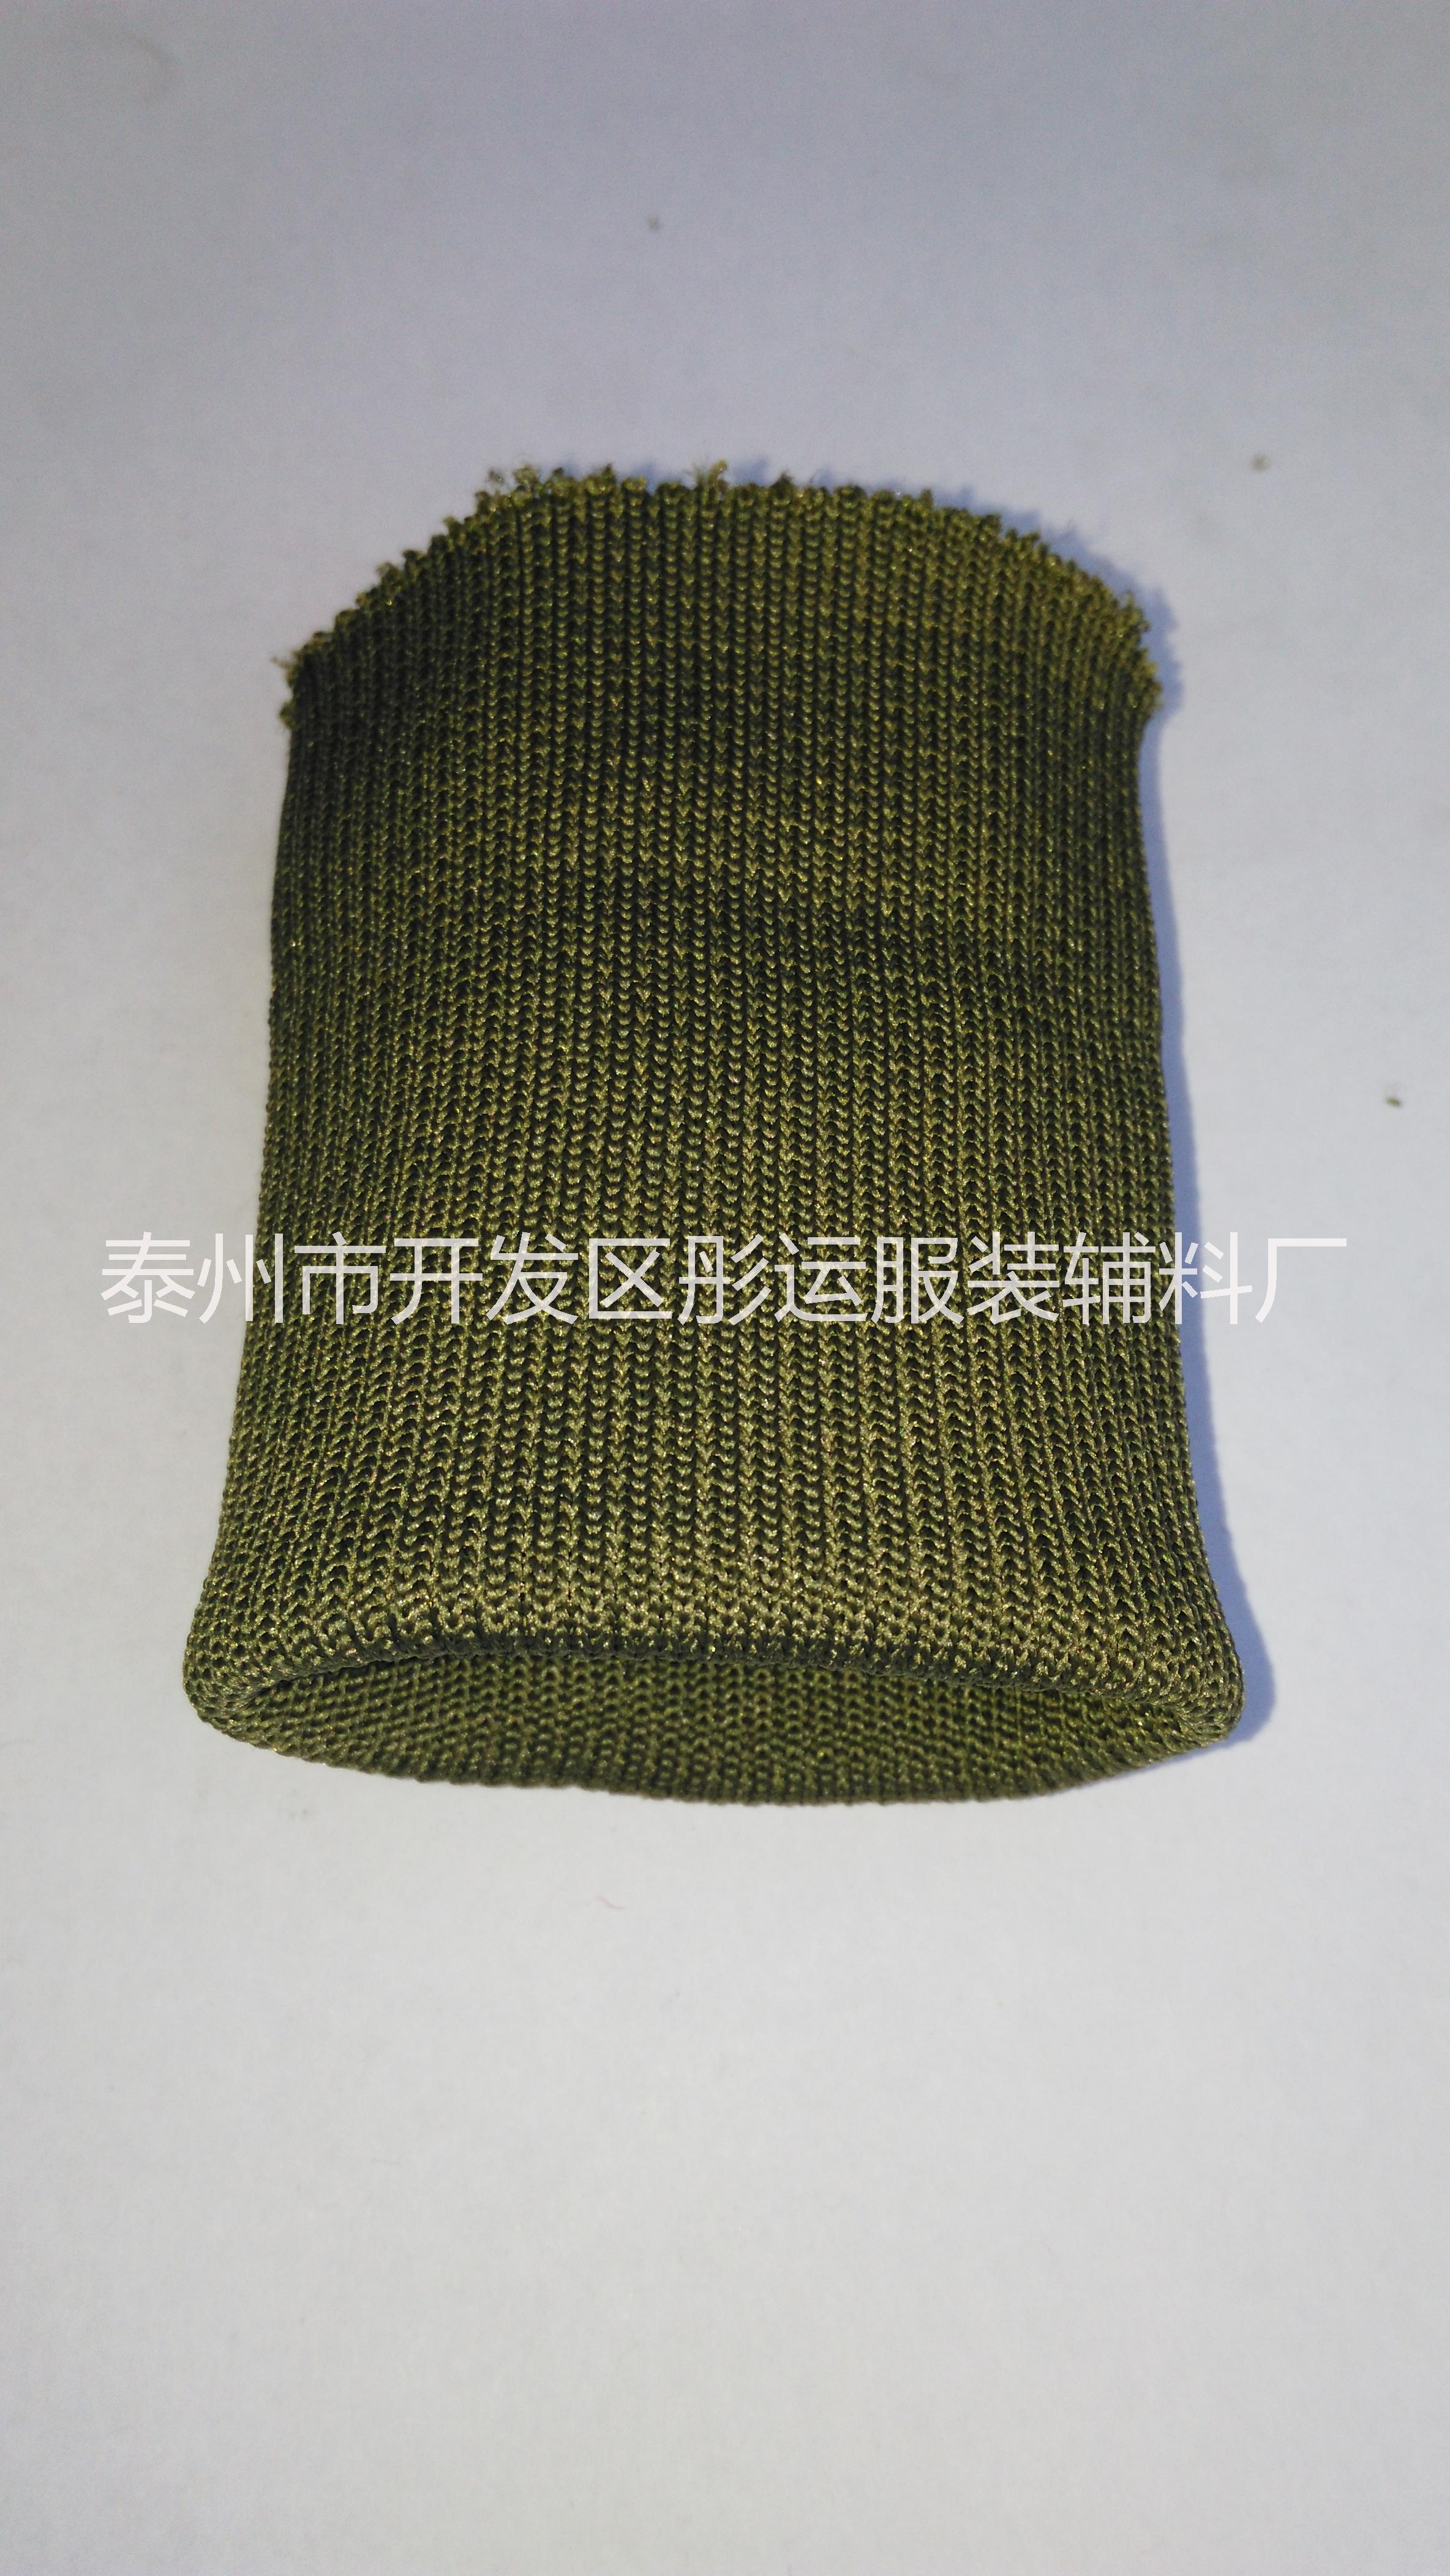 小园机罗纹袖口图片/小园机罗纹袖口样板图 (3)